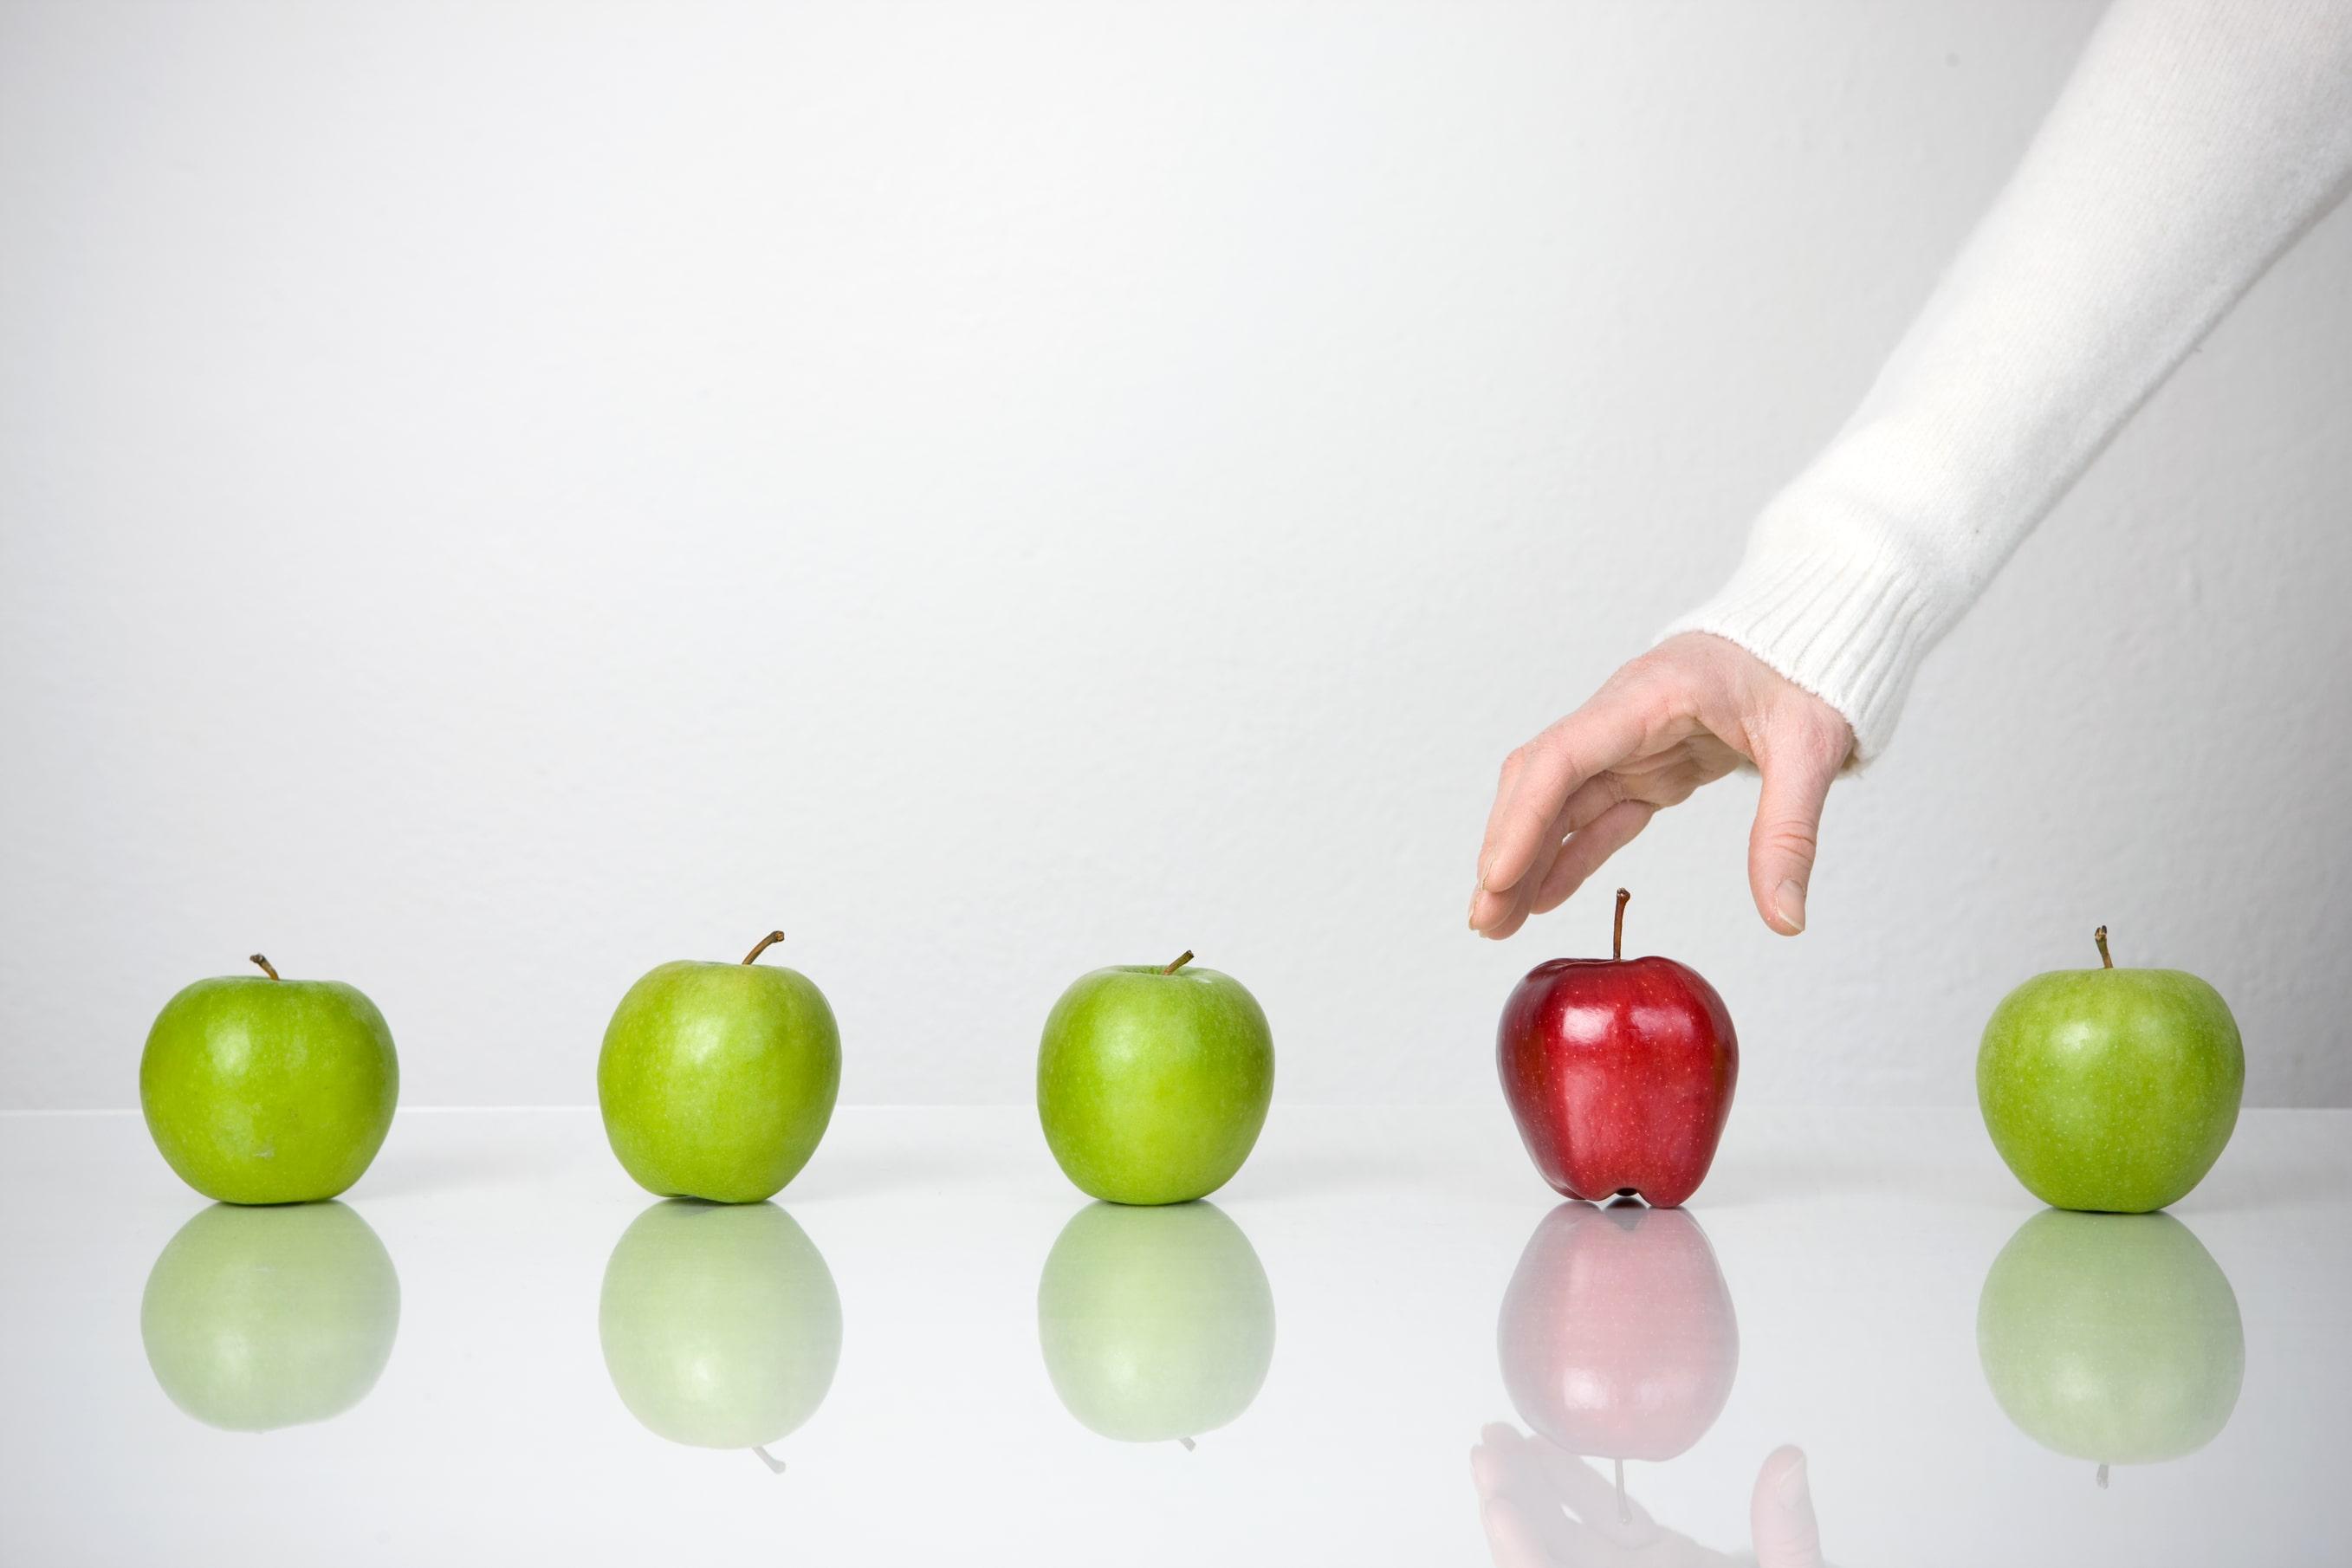 МОН розглядає можливість збільшення освітньої субвенції ...